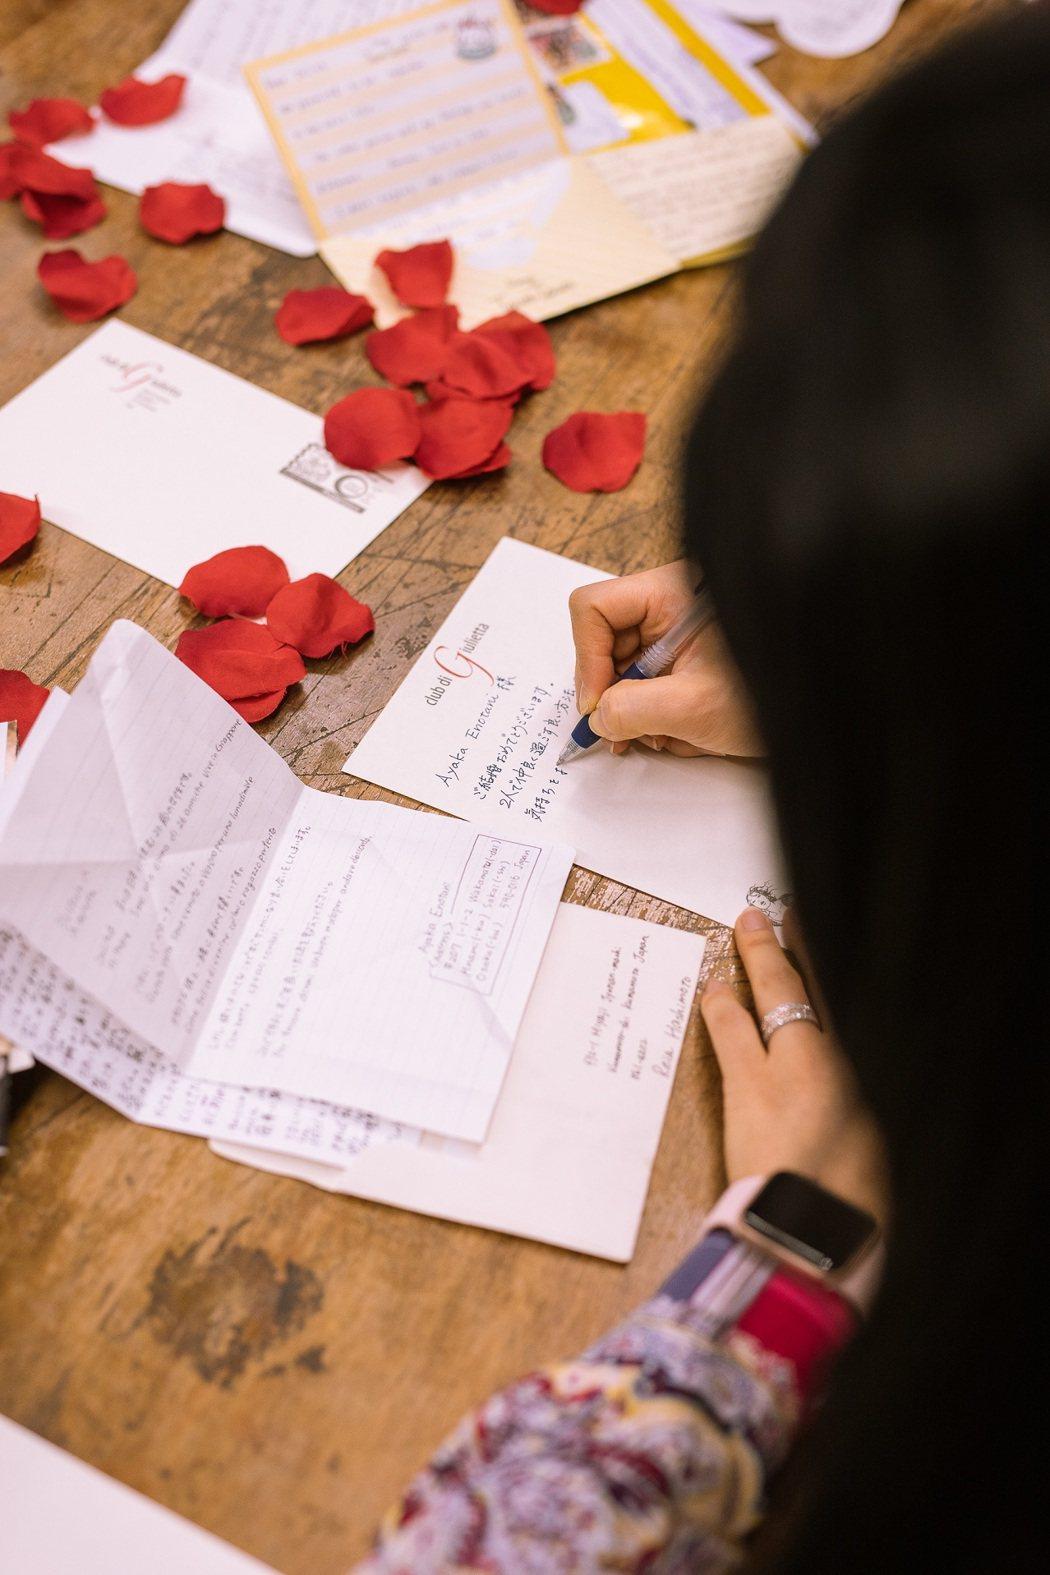 把握農曆新年連假期間,撰寫一封給茱麗葉的信,分享與伴侶之間深刻動人的愛情故事,就...